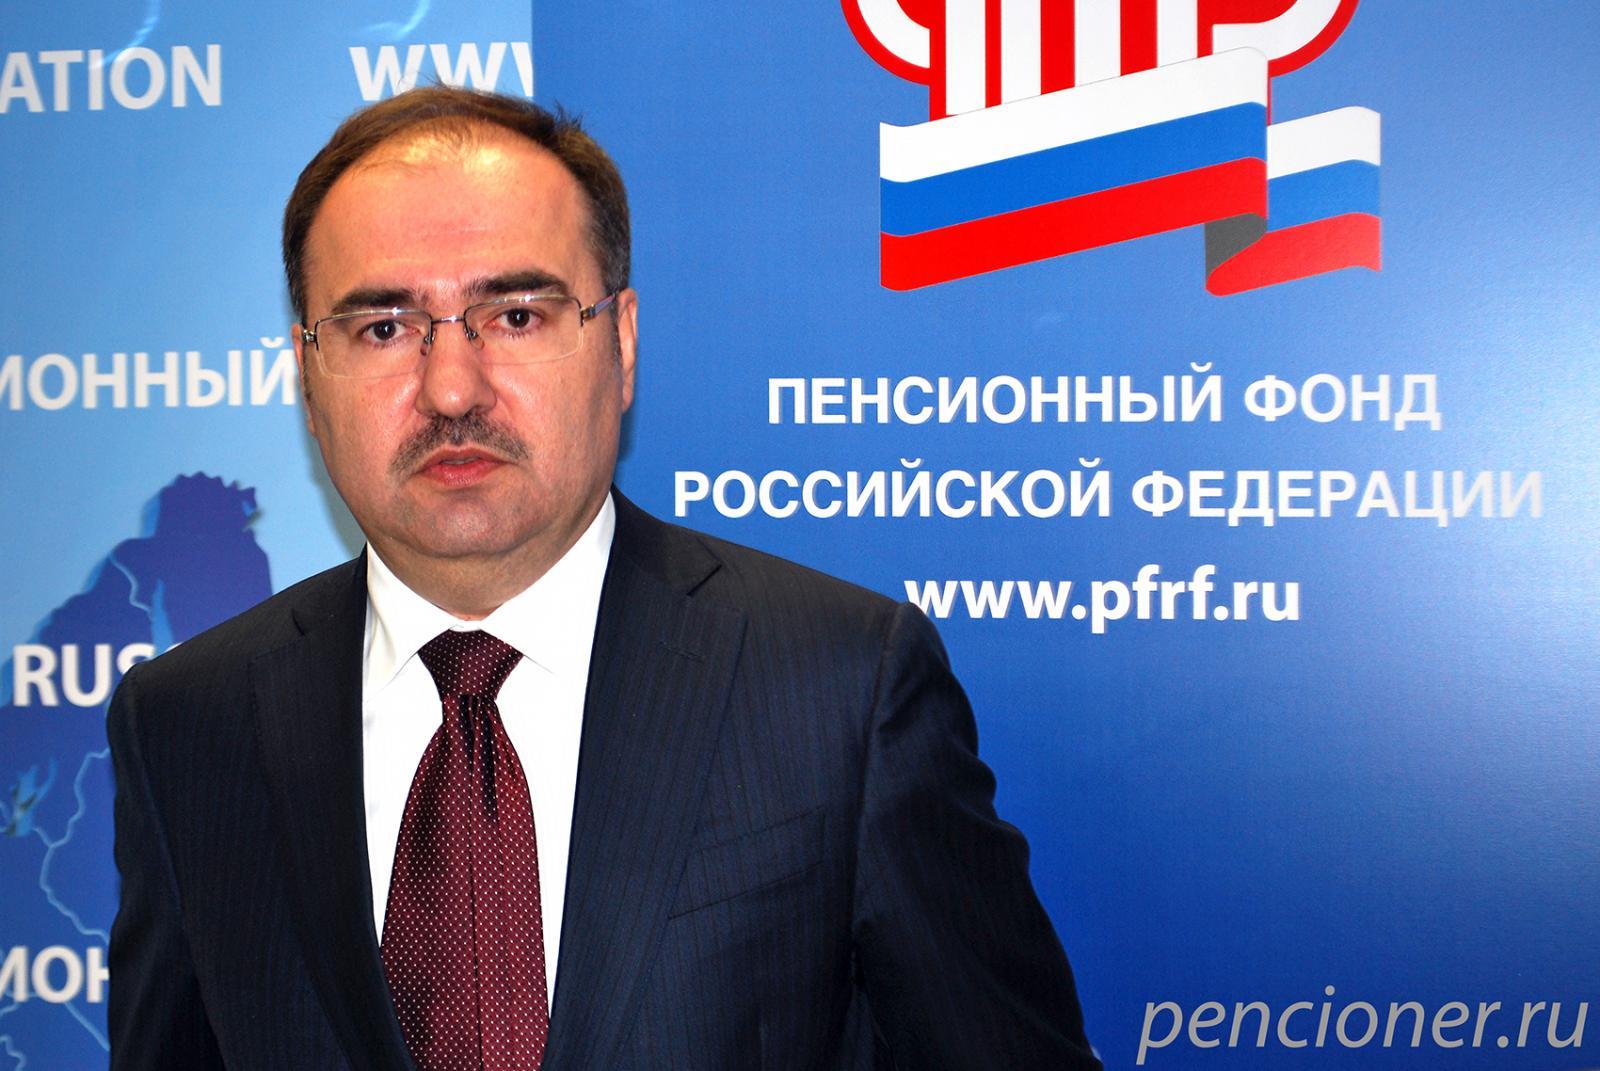 всей начальник пенсионного фонда россии фото минуты